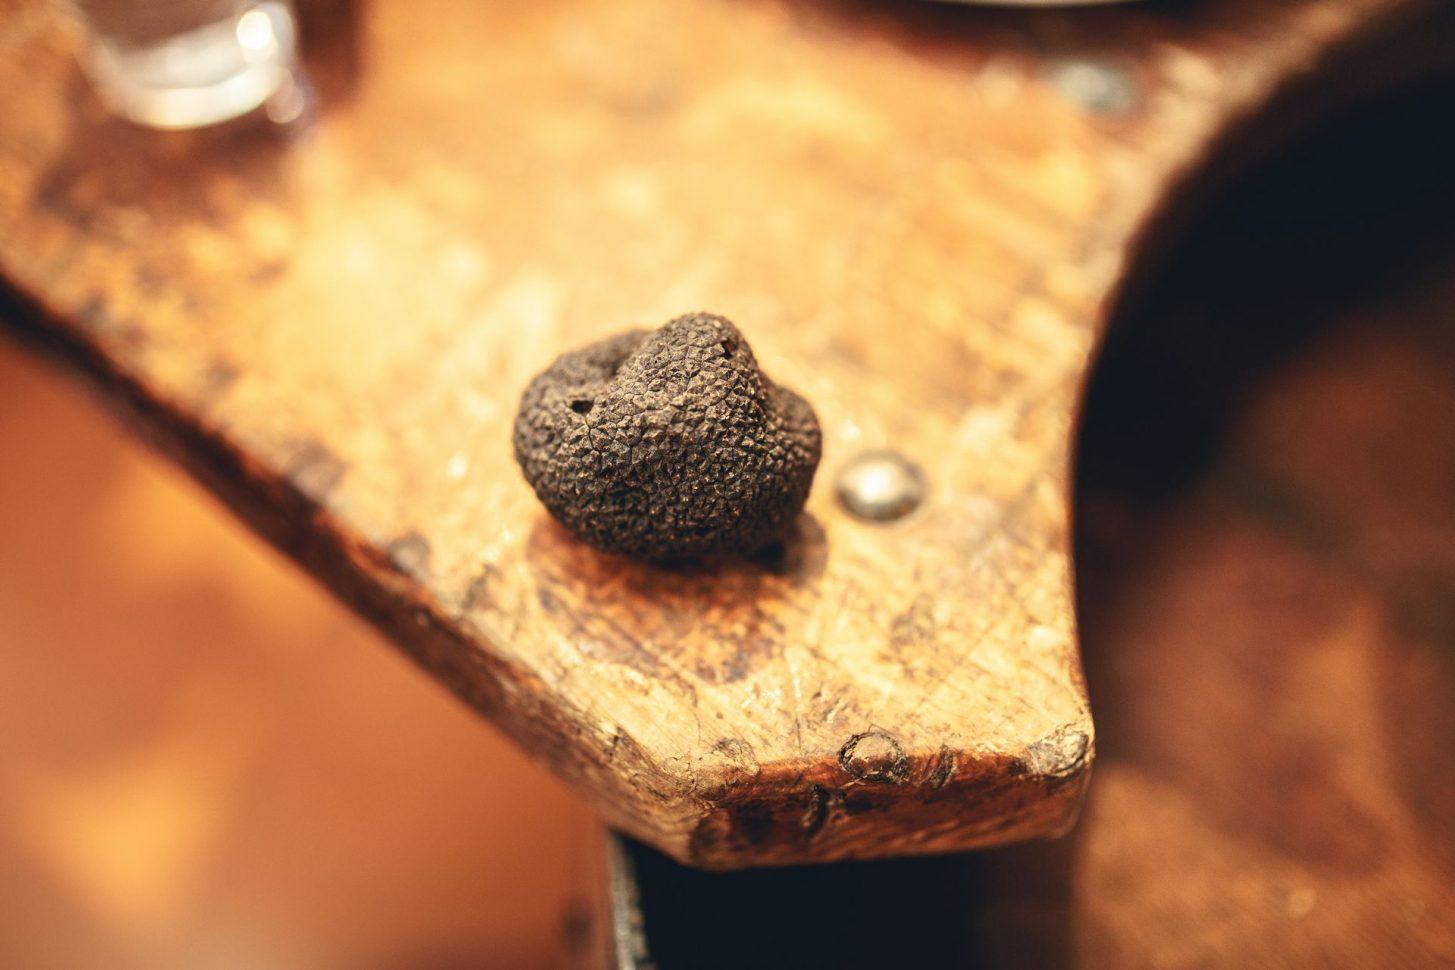 Marché de la truffe à Villeneuve-Minervois ©Vincent Photographie-ADT de l'Aude